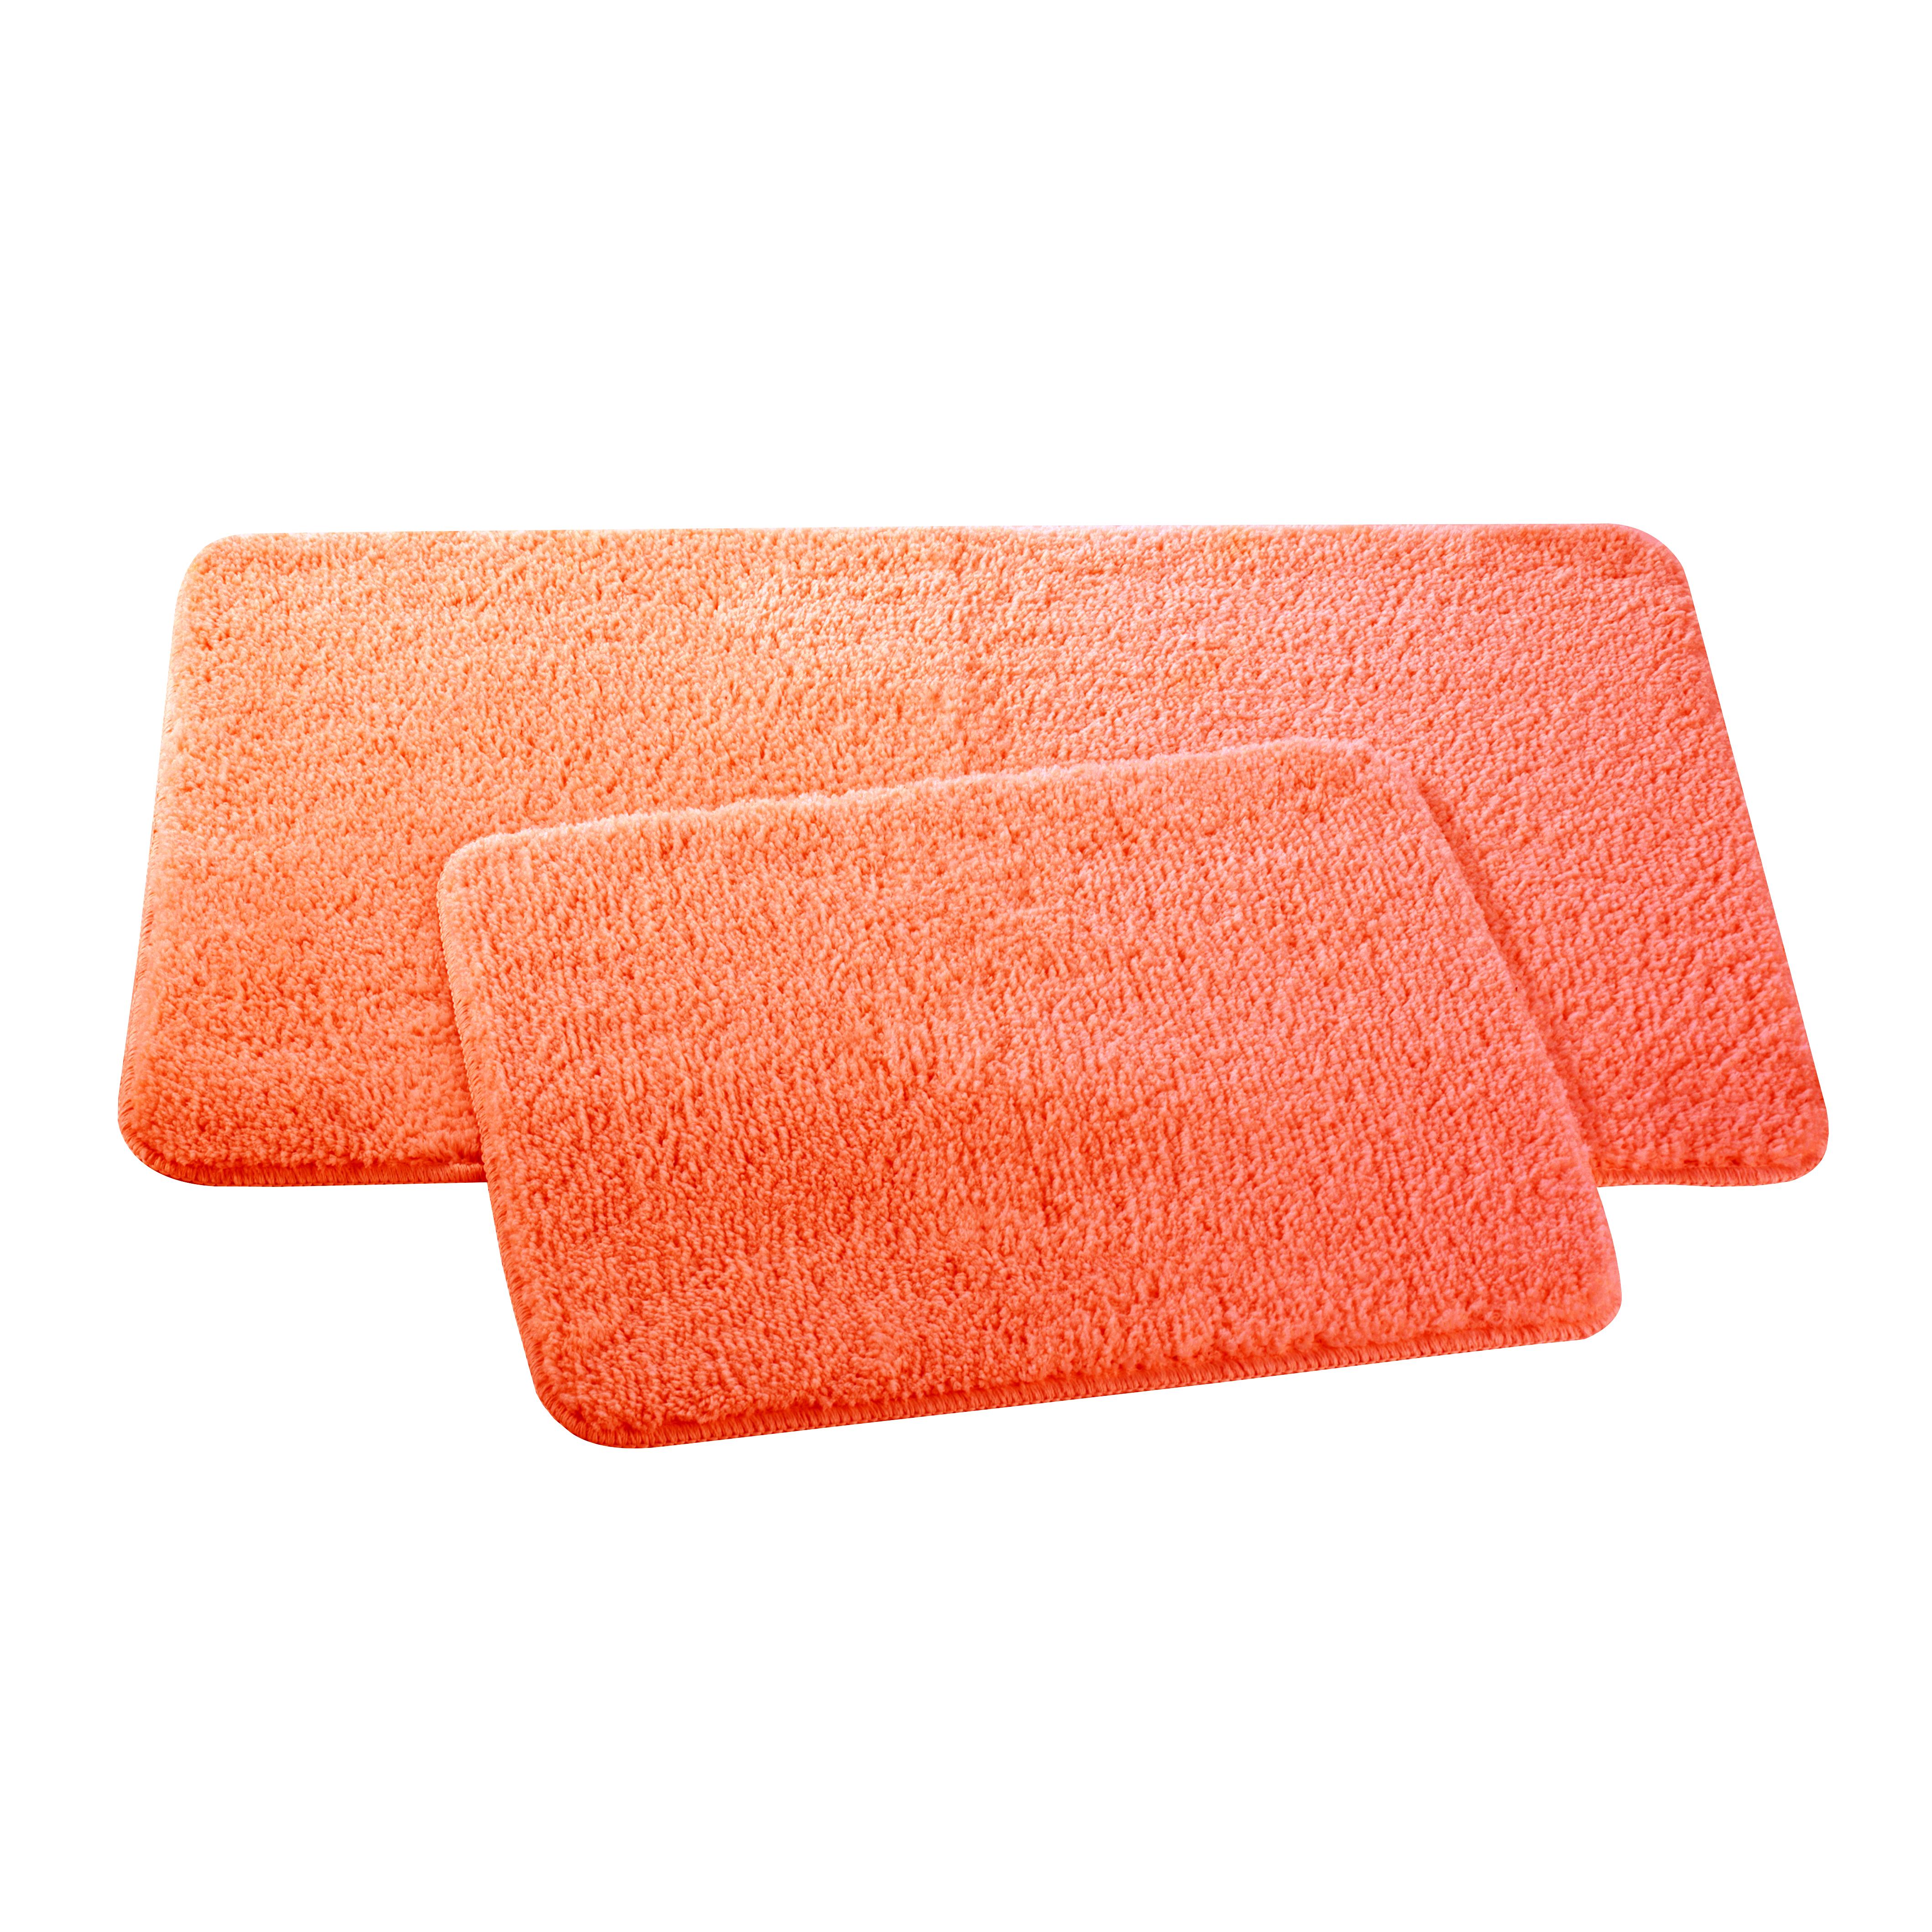 Набор ковриков для ванной и туалета Axentia, цвет: оранжевый, 2 штCLP446Набор Axentia, выполненный из микрофибры (100% полиэстер), состоит из двух стеганых ковриков для ванной комнаты и туалета. Противоскользящее основание изготовлено из термопластичной резины и подходит для полов с подогревом. Коврики мягкие и приятные на ощупь, отлично впитывают влагу и быстро сохнут. Высокая износостойкость ковриков и стойкость цвета позволит вам наслаждаться покупкой долгие годы. Можно стирать в стиральной машине. Размер ковриков: 50 х 80 см; 50 х 40 см.Высота ворса 1,5 см.